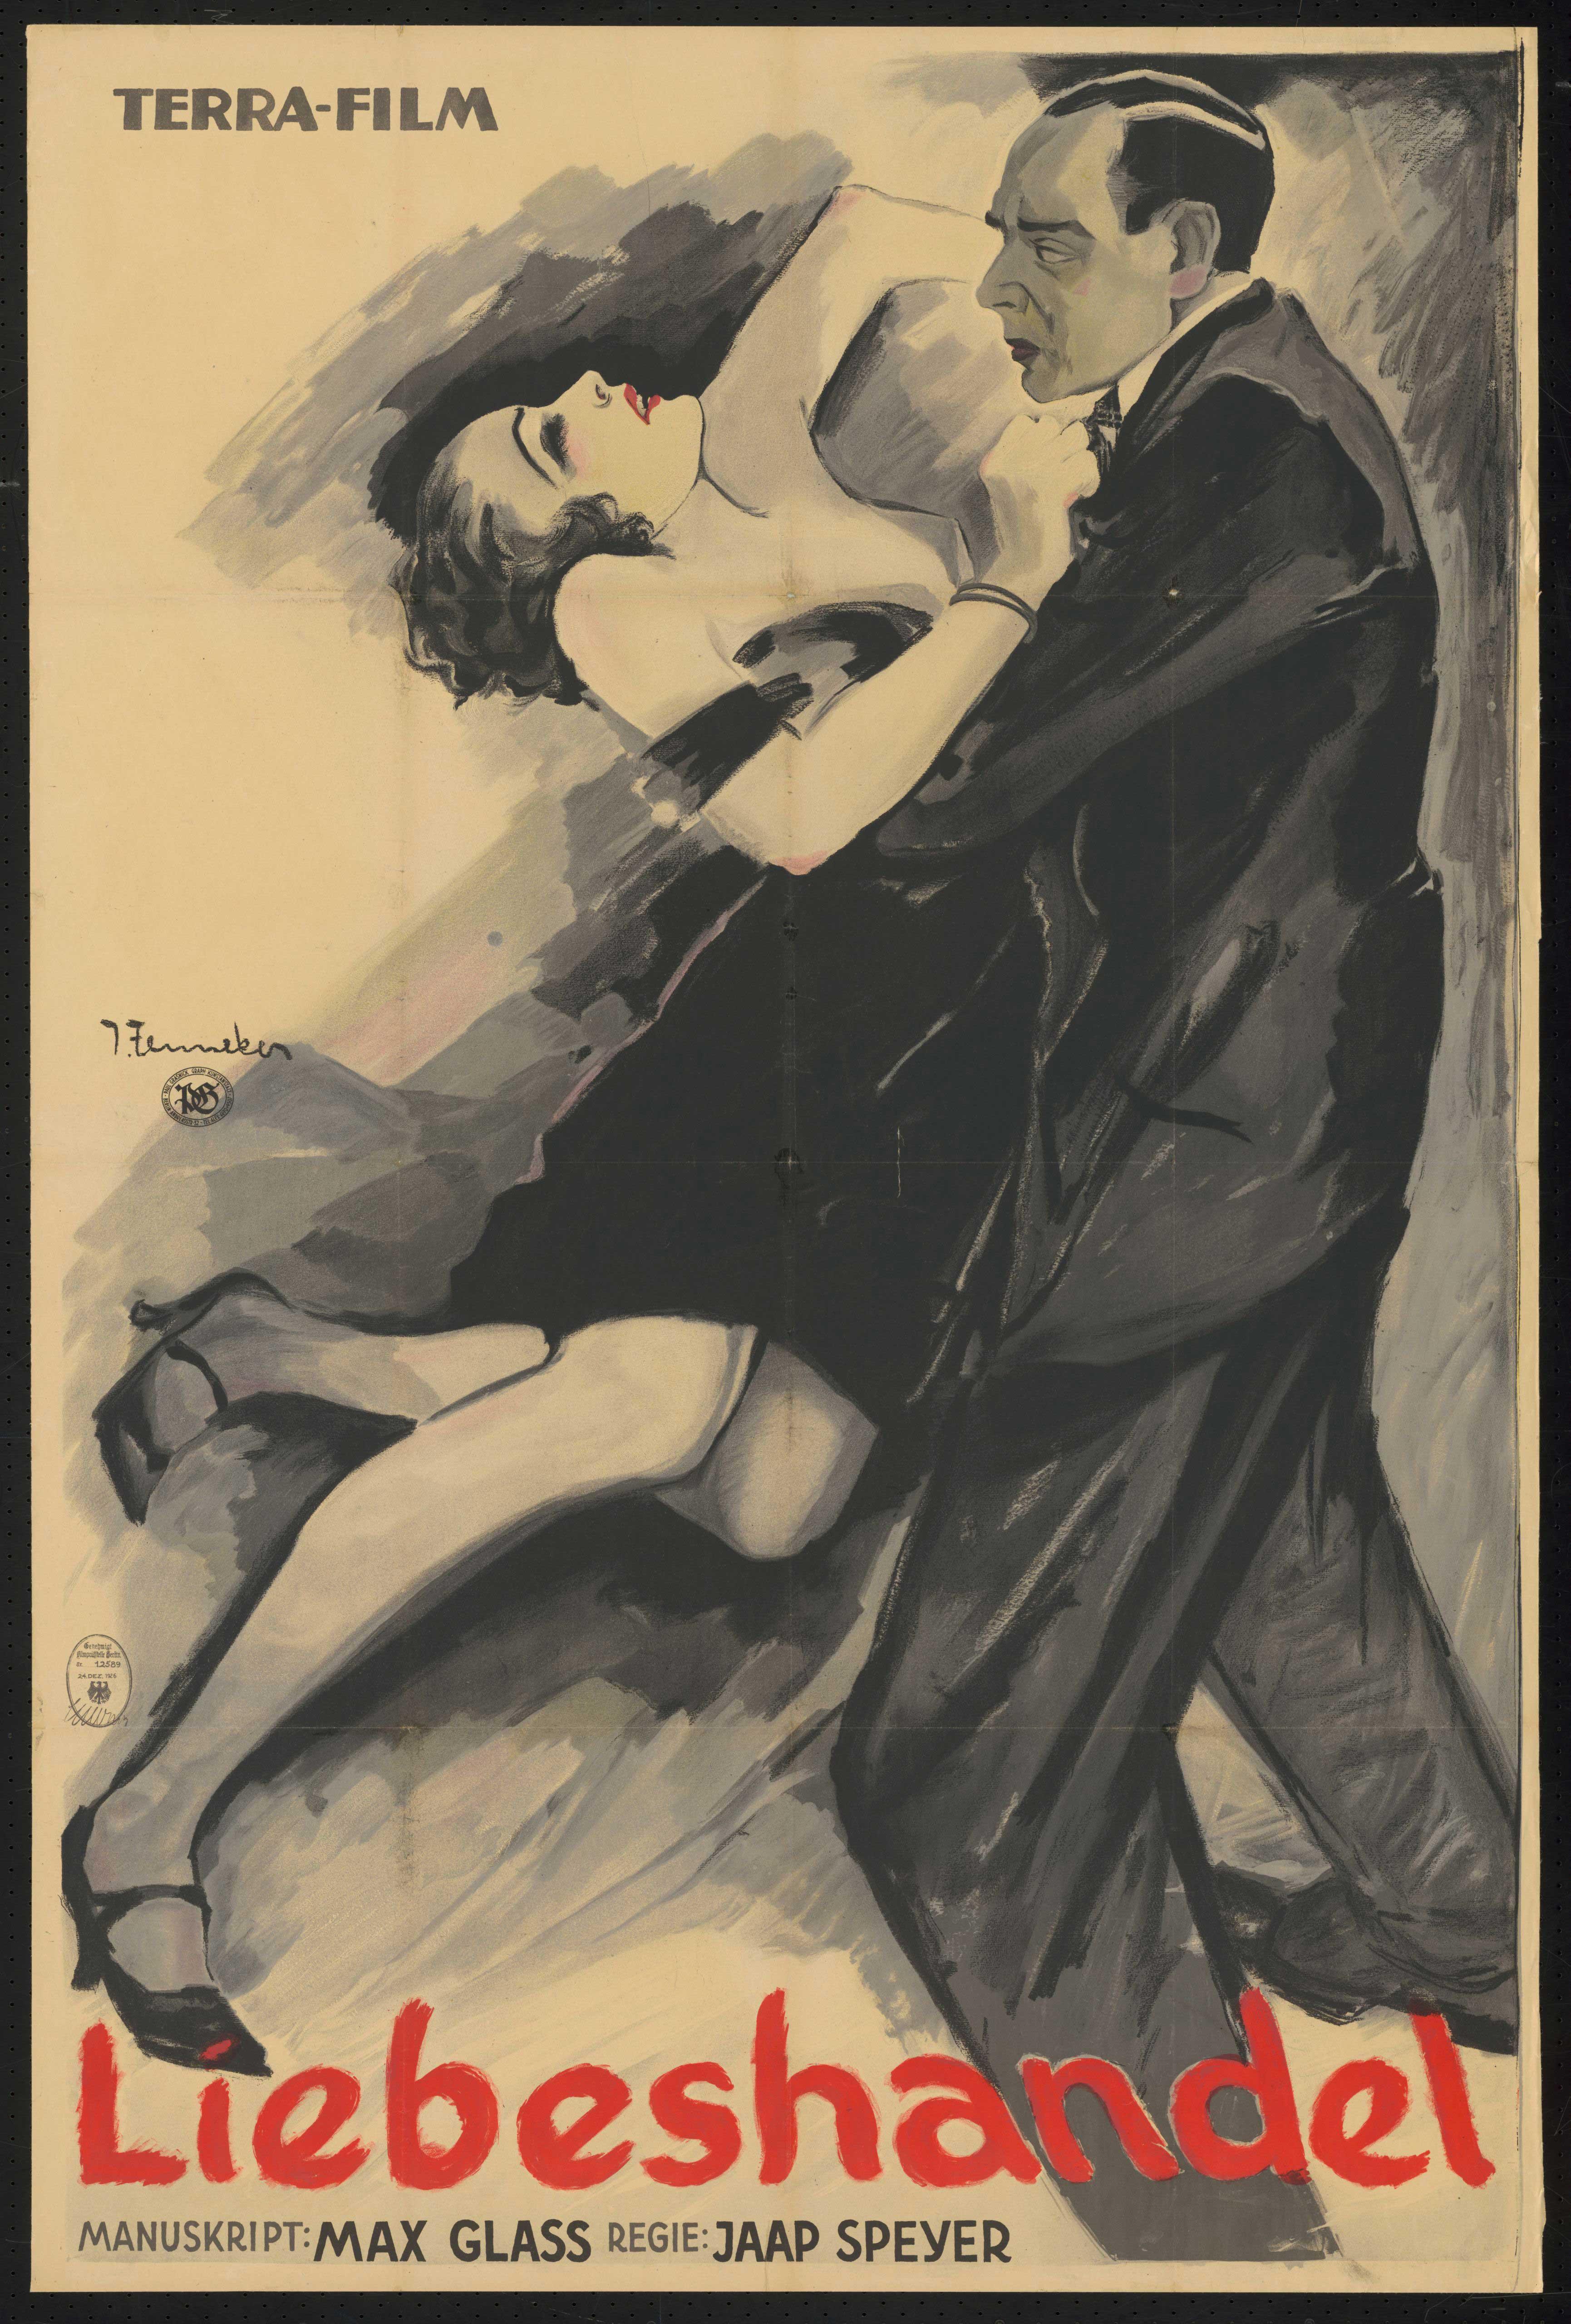 Film poster by Joef Fenneker: Liebeshandel, Germany 1926, directed by Jaap Speyer